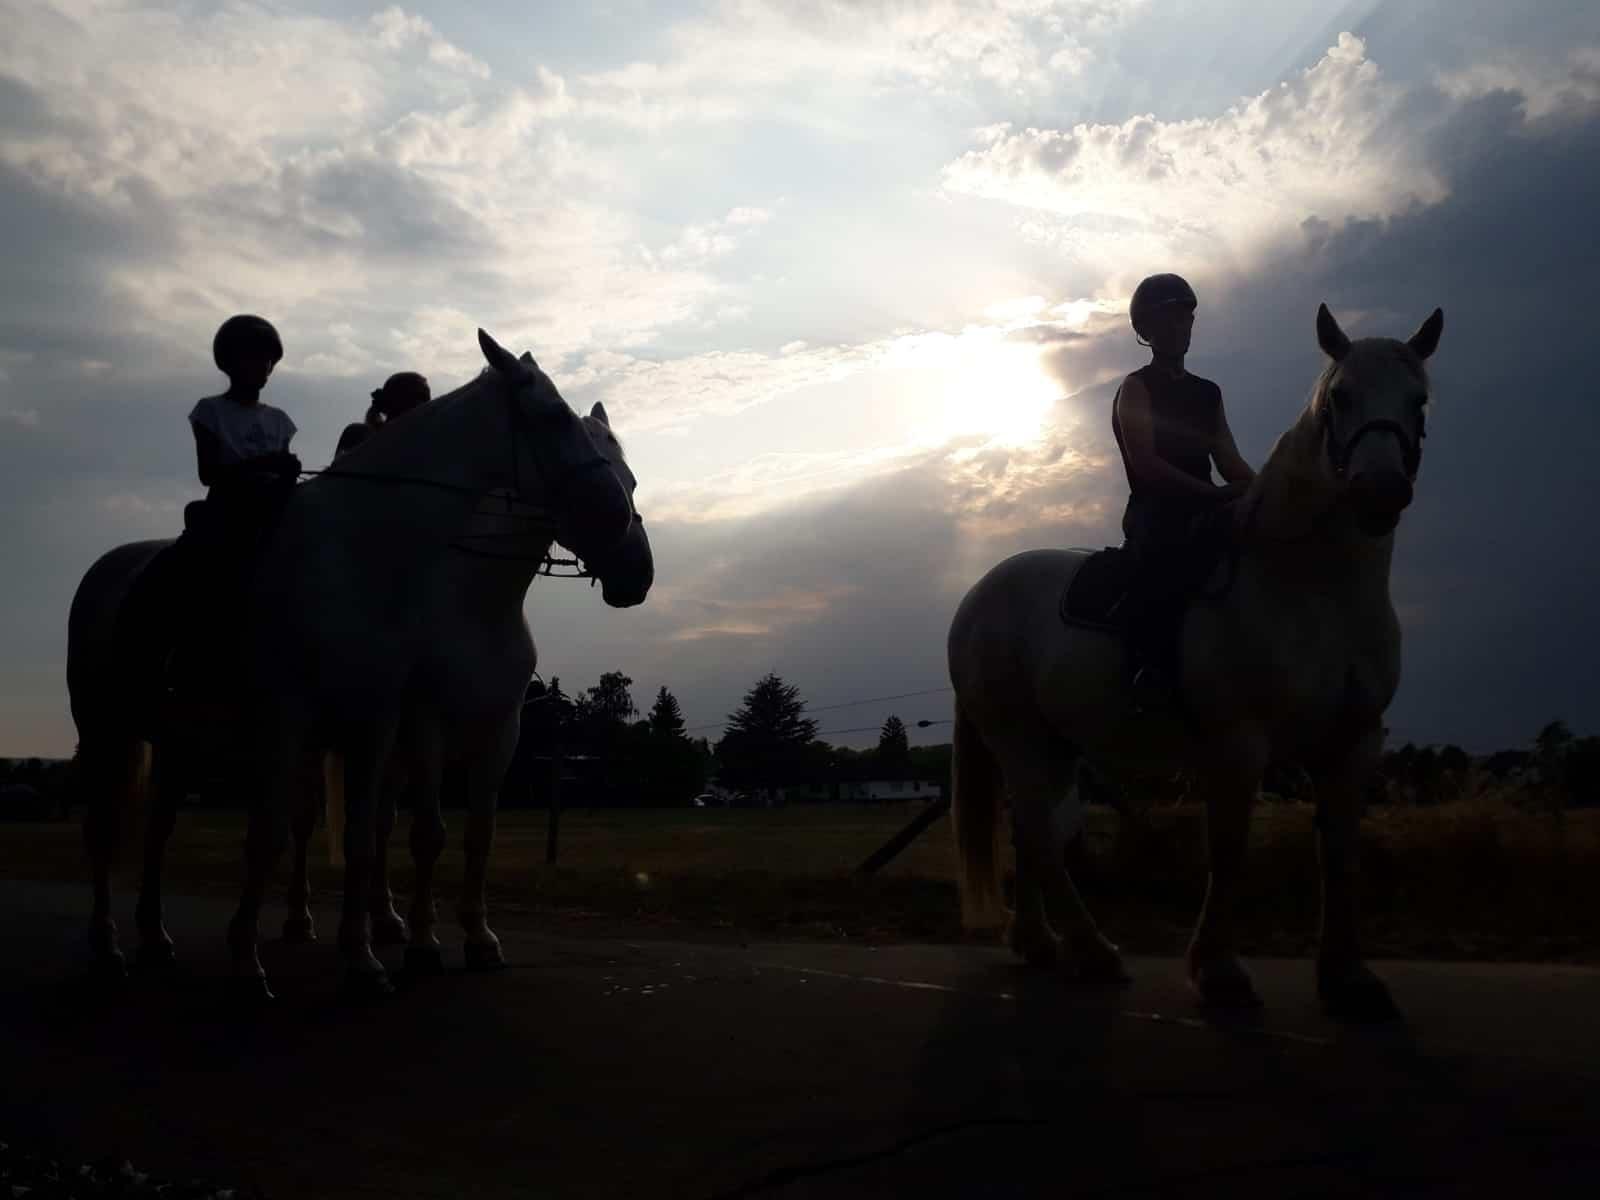 Merry Legs Ranch bietet Reitunterricht und Ausritte für Kinder, Jugendliche und Erwachsene auf gut ausgebildeten Pferden in familiärer Atmosphäre an.